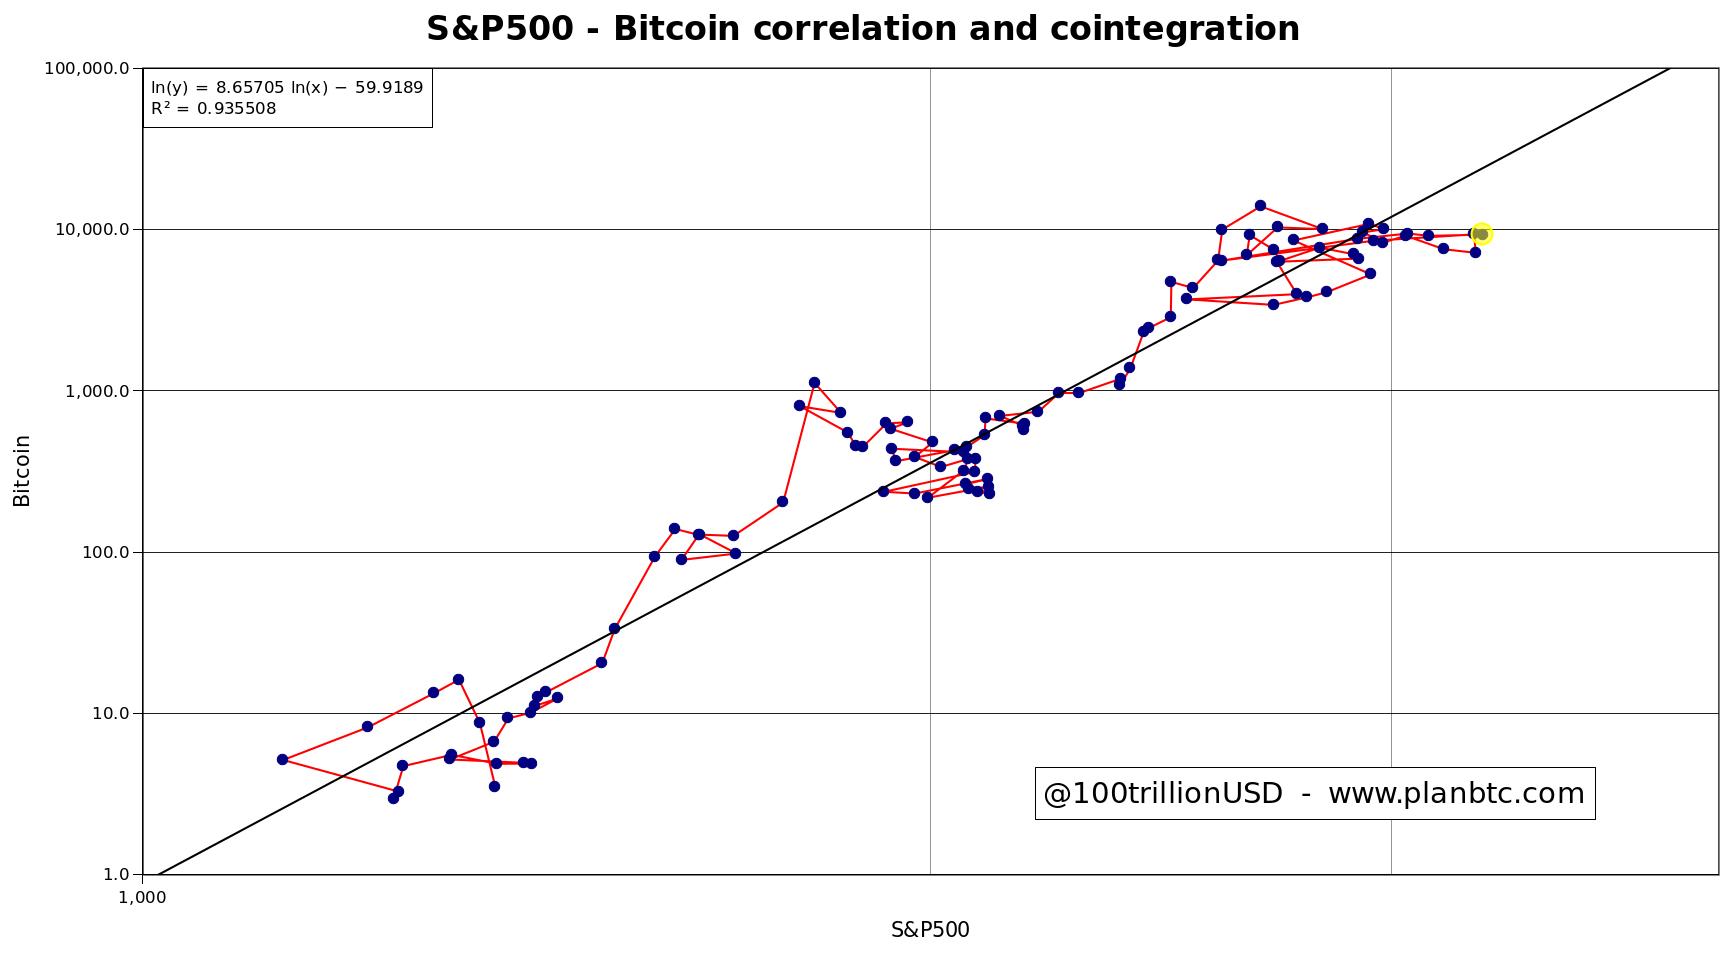 El precio implícito de Bitcoin según el índice S&P 500 podría ser 25.000 dólares. Fuente: PlanB